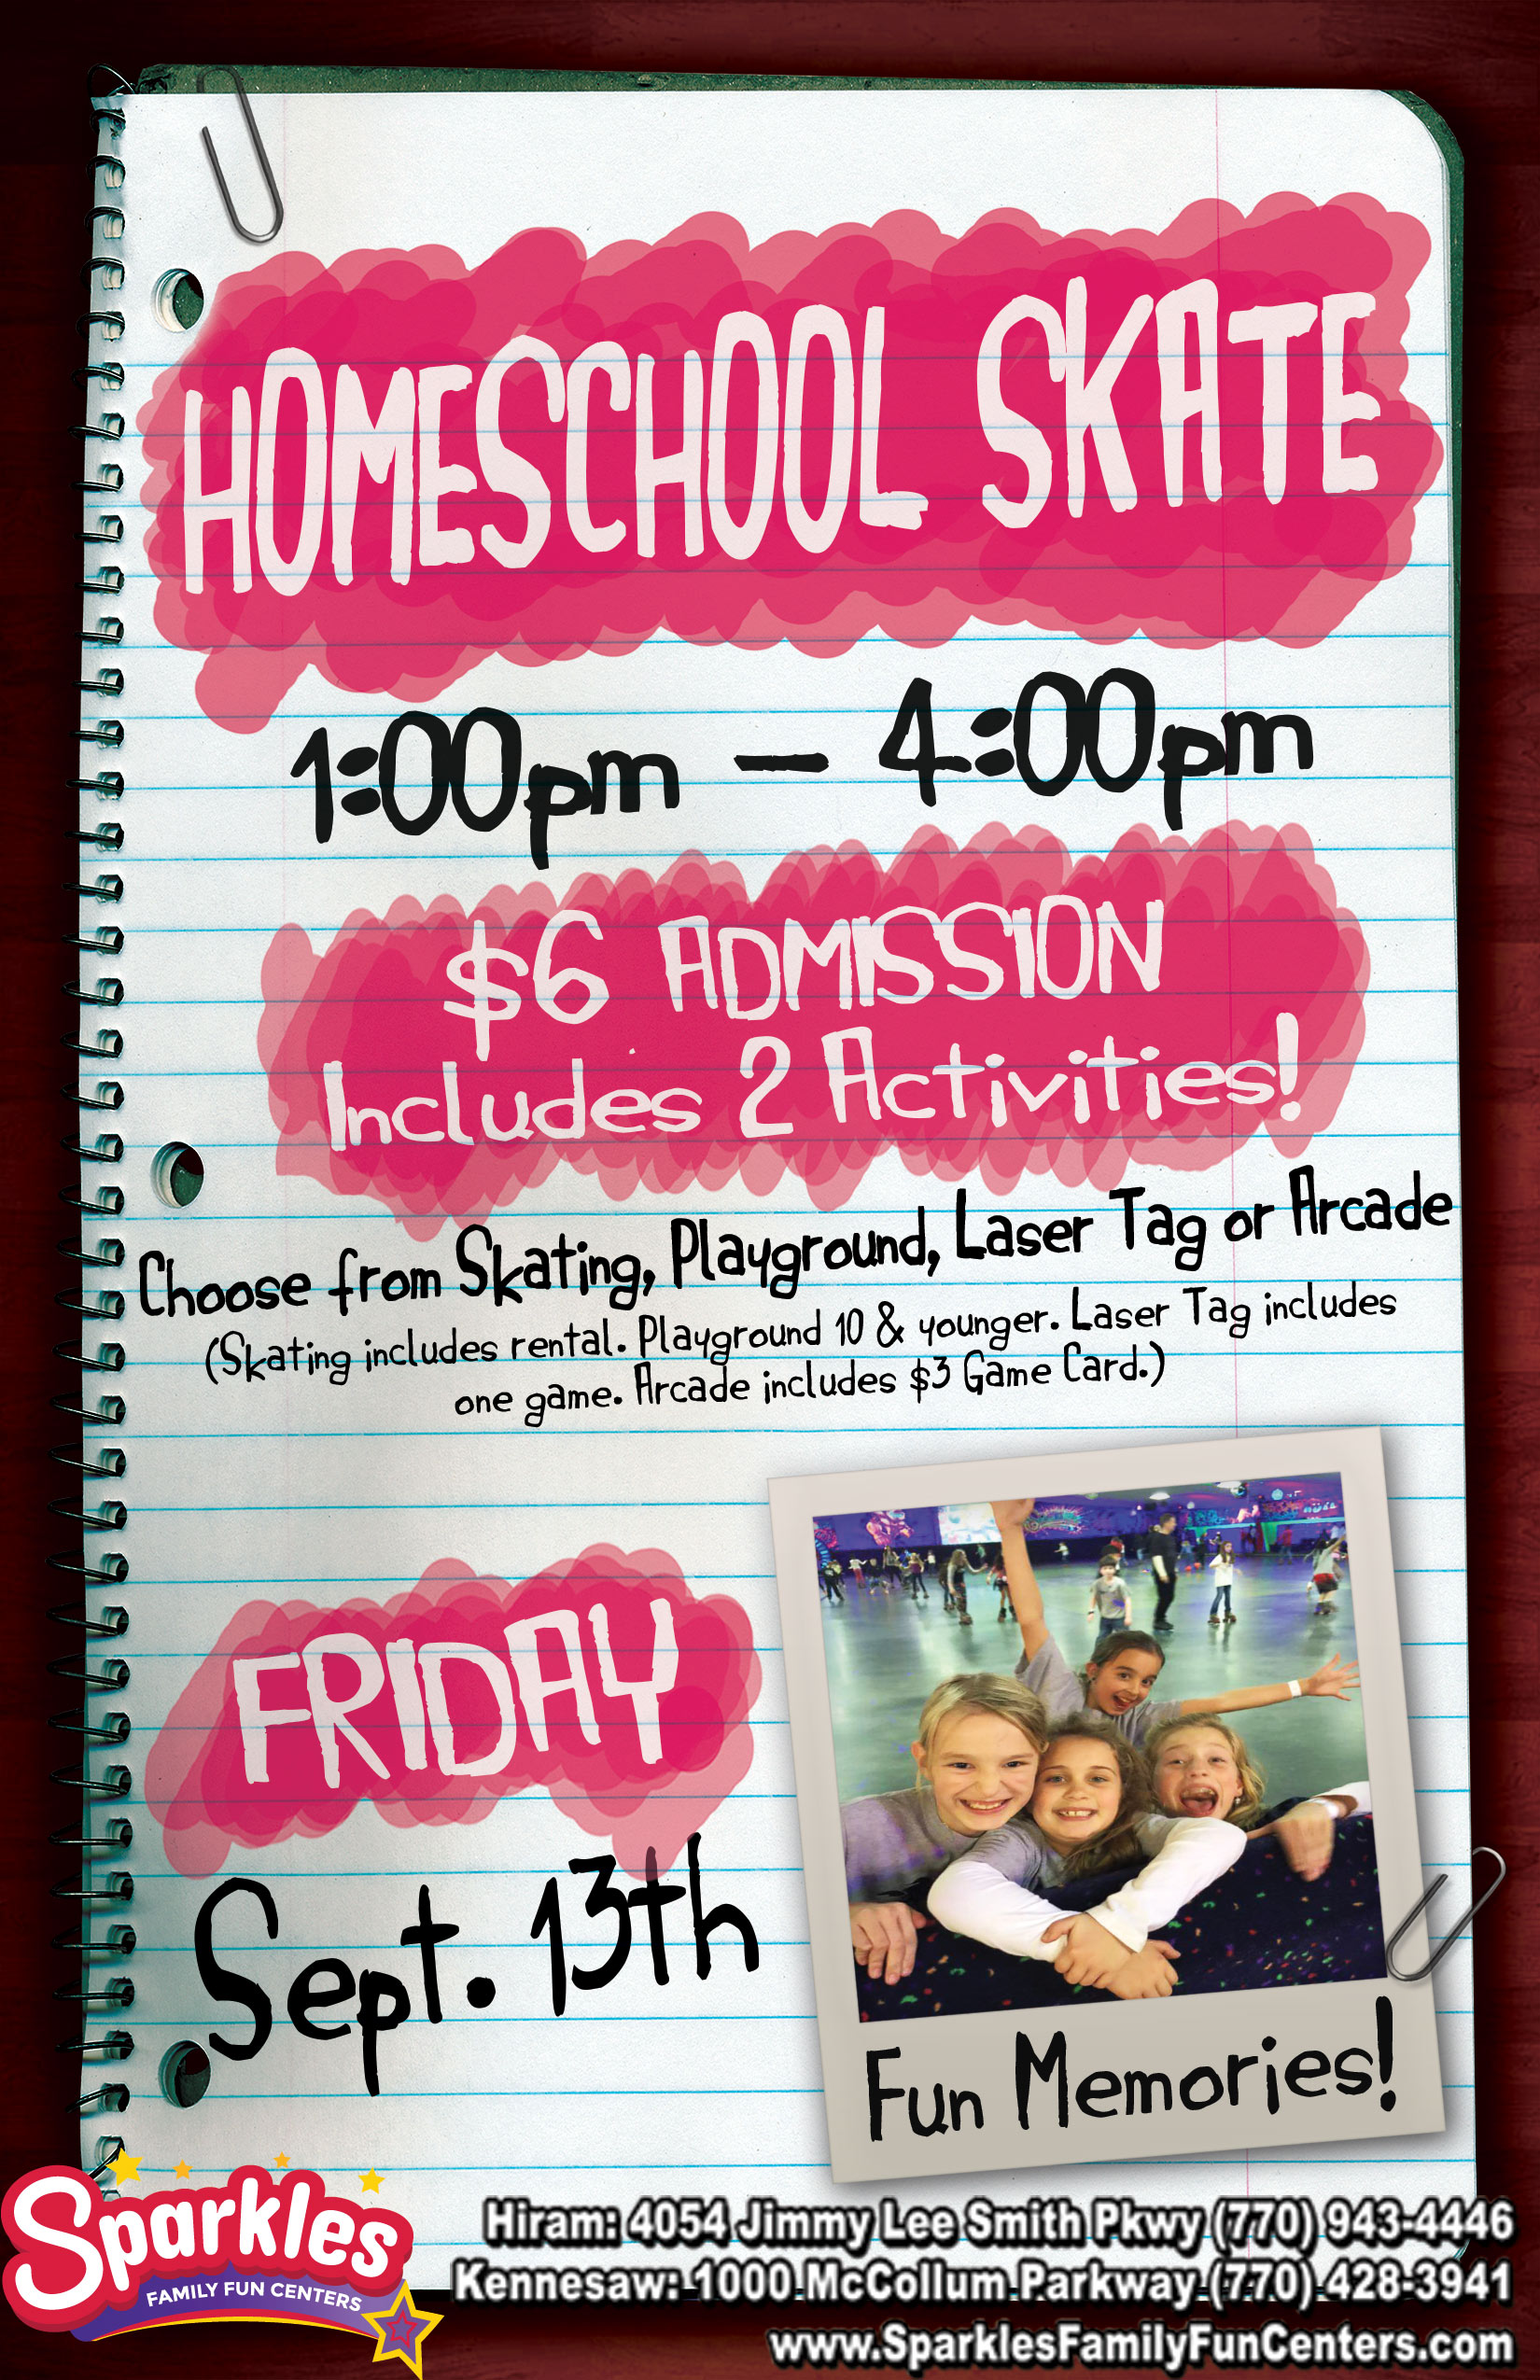 Homeschool-Skate-September-Both-2019